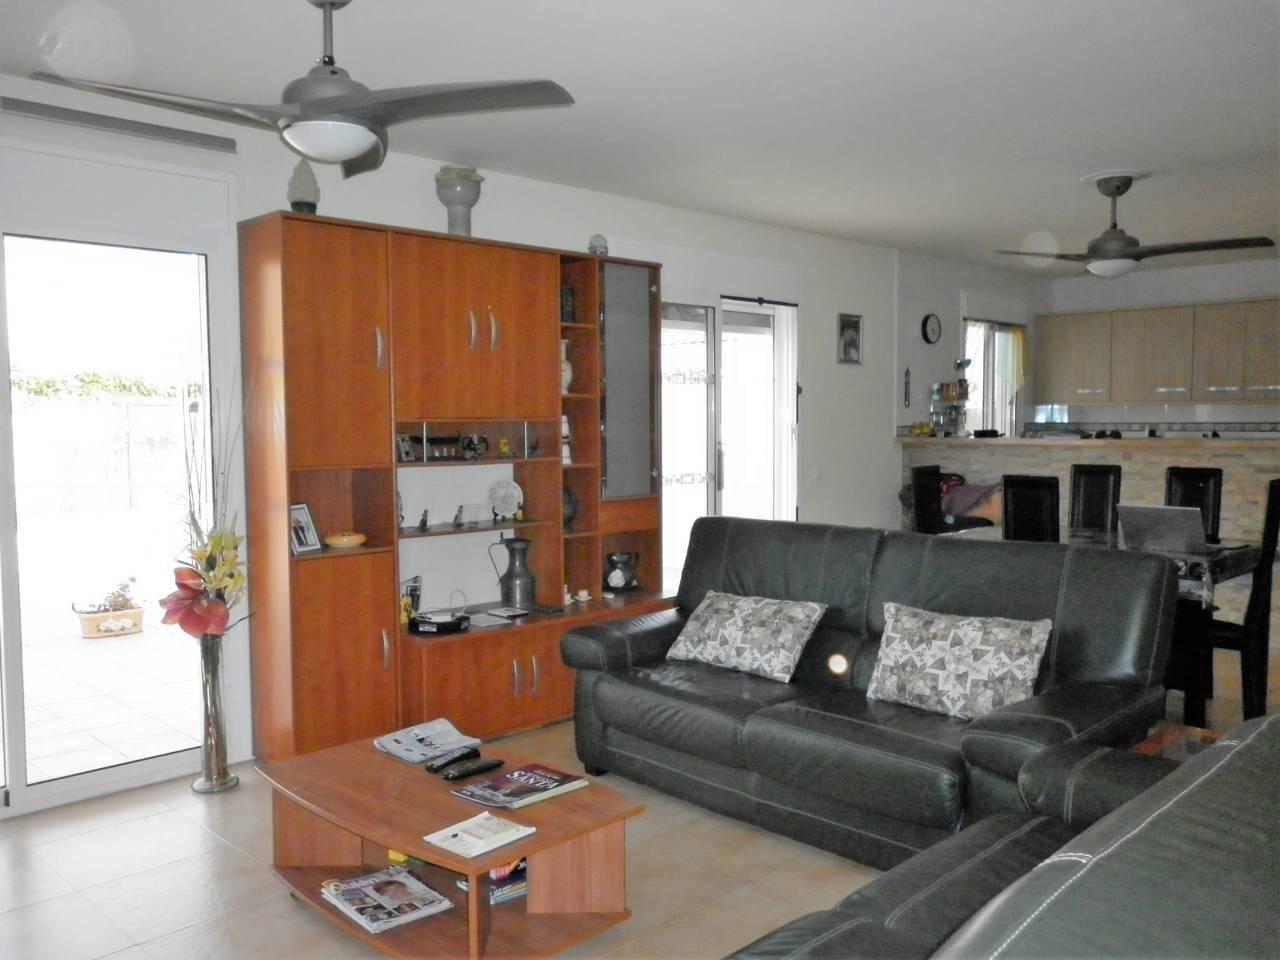 Maison  Avenida alt camp. Solar de 457 m²,  casa de 118m2 en una sola planta,  4 habitacio